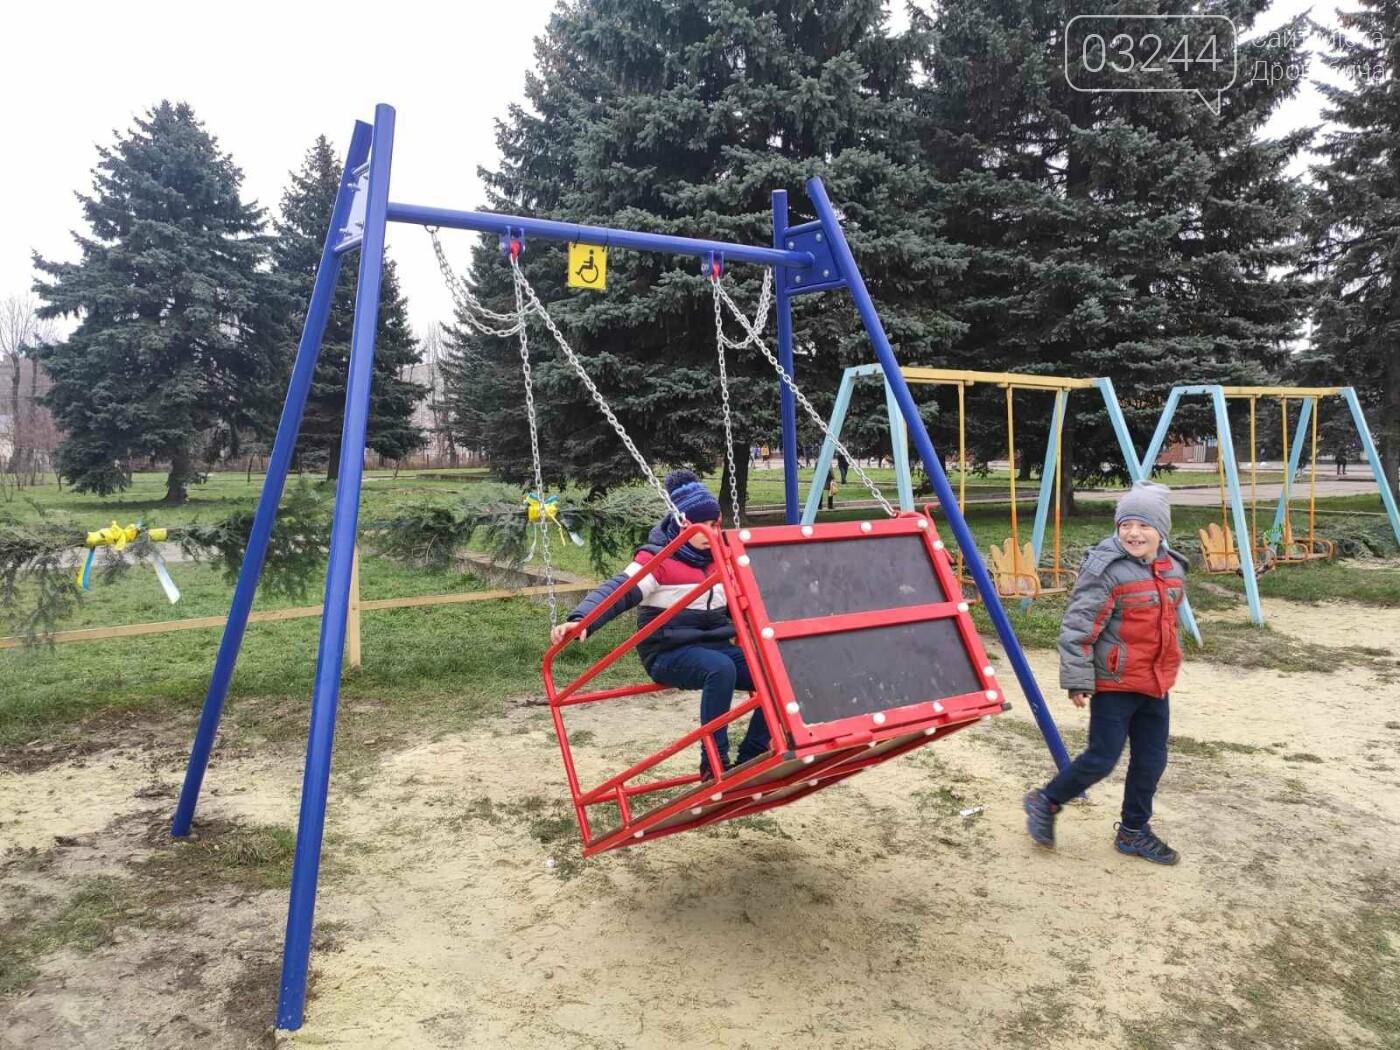 У Дрогобичі відкрили інклюзивний дитячий майданчик для особливих діток, фото-11